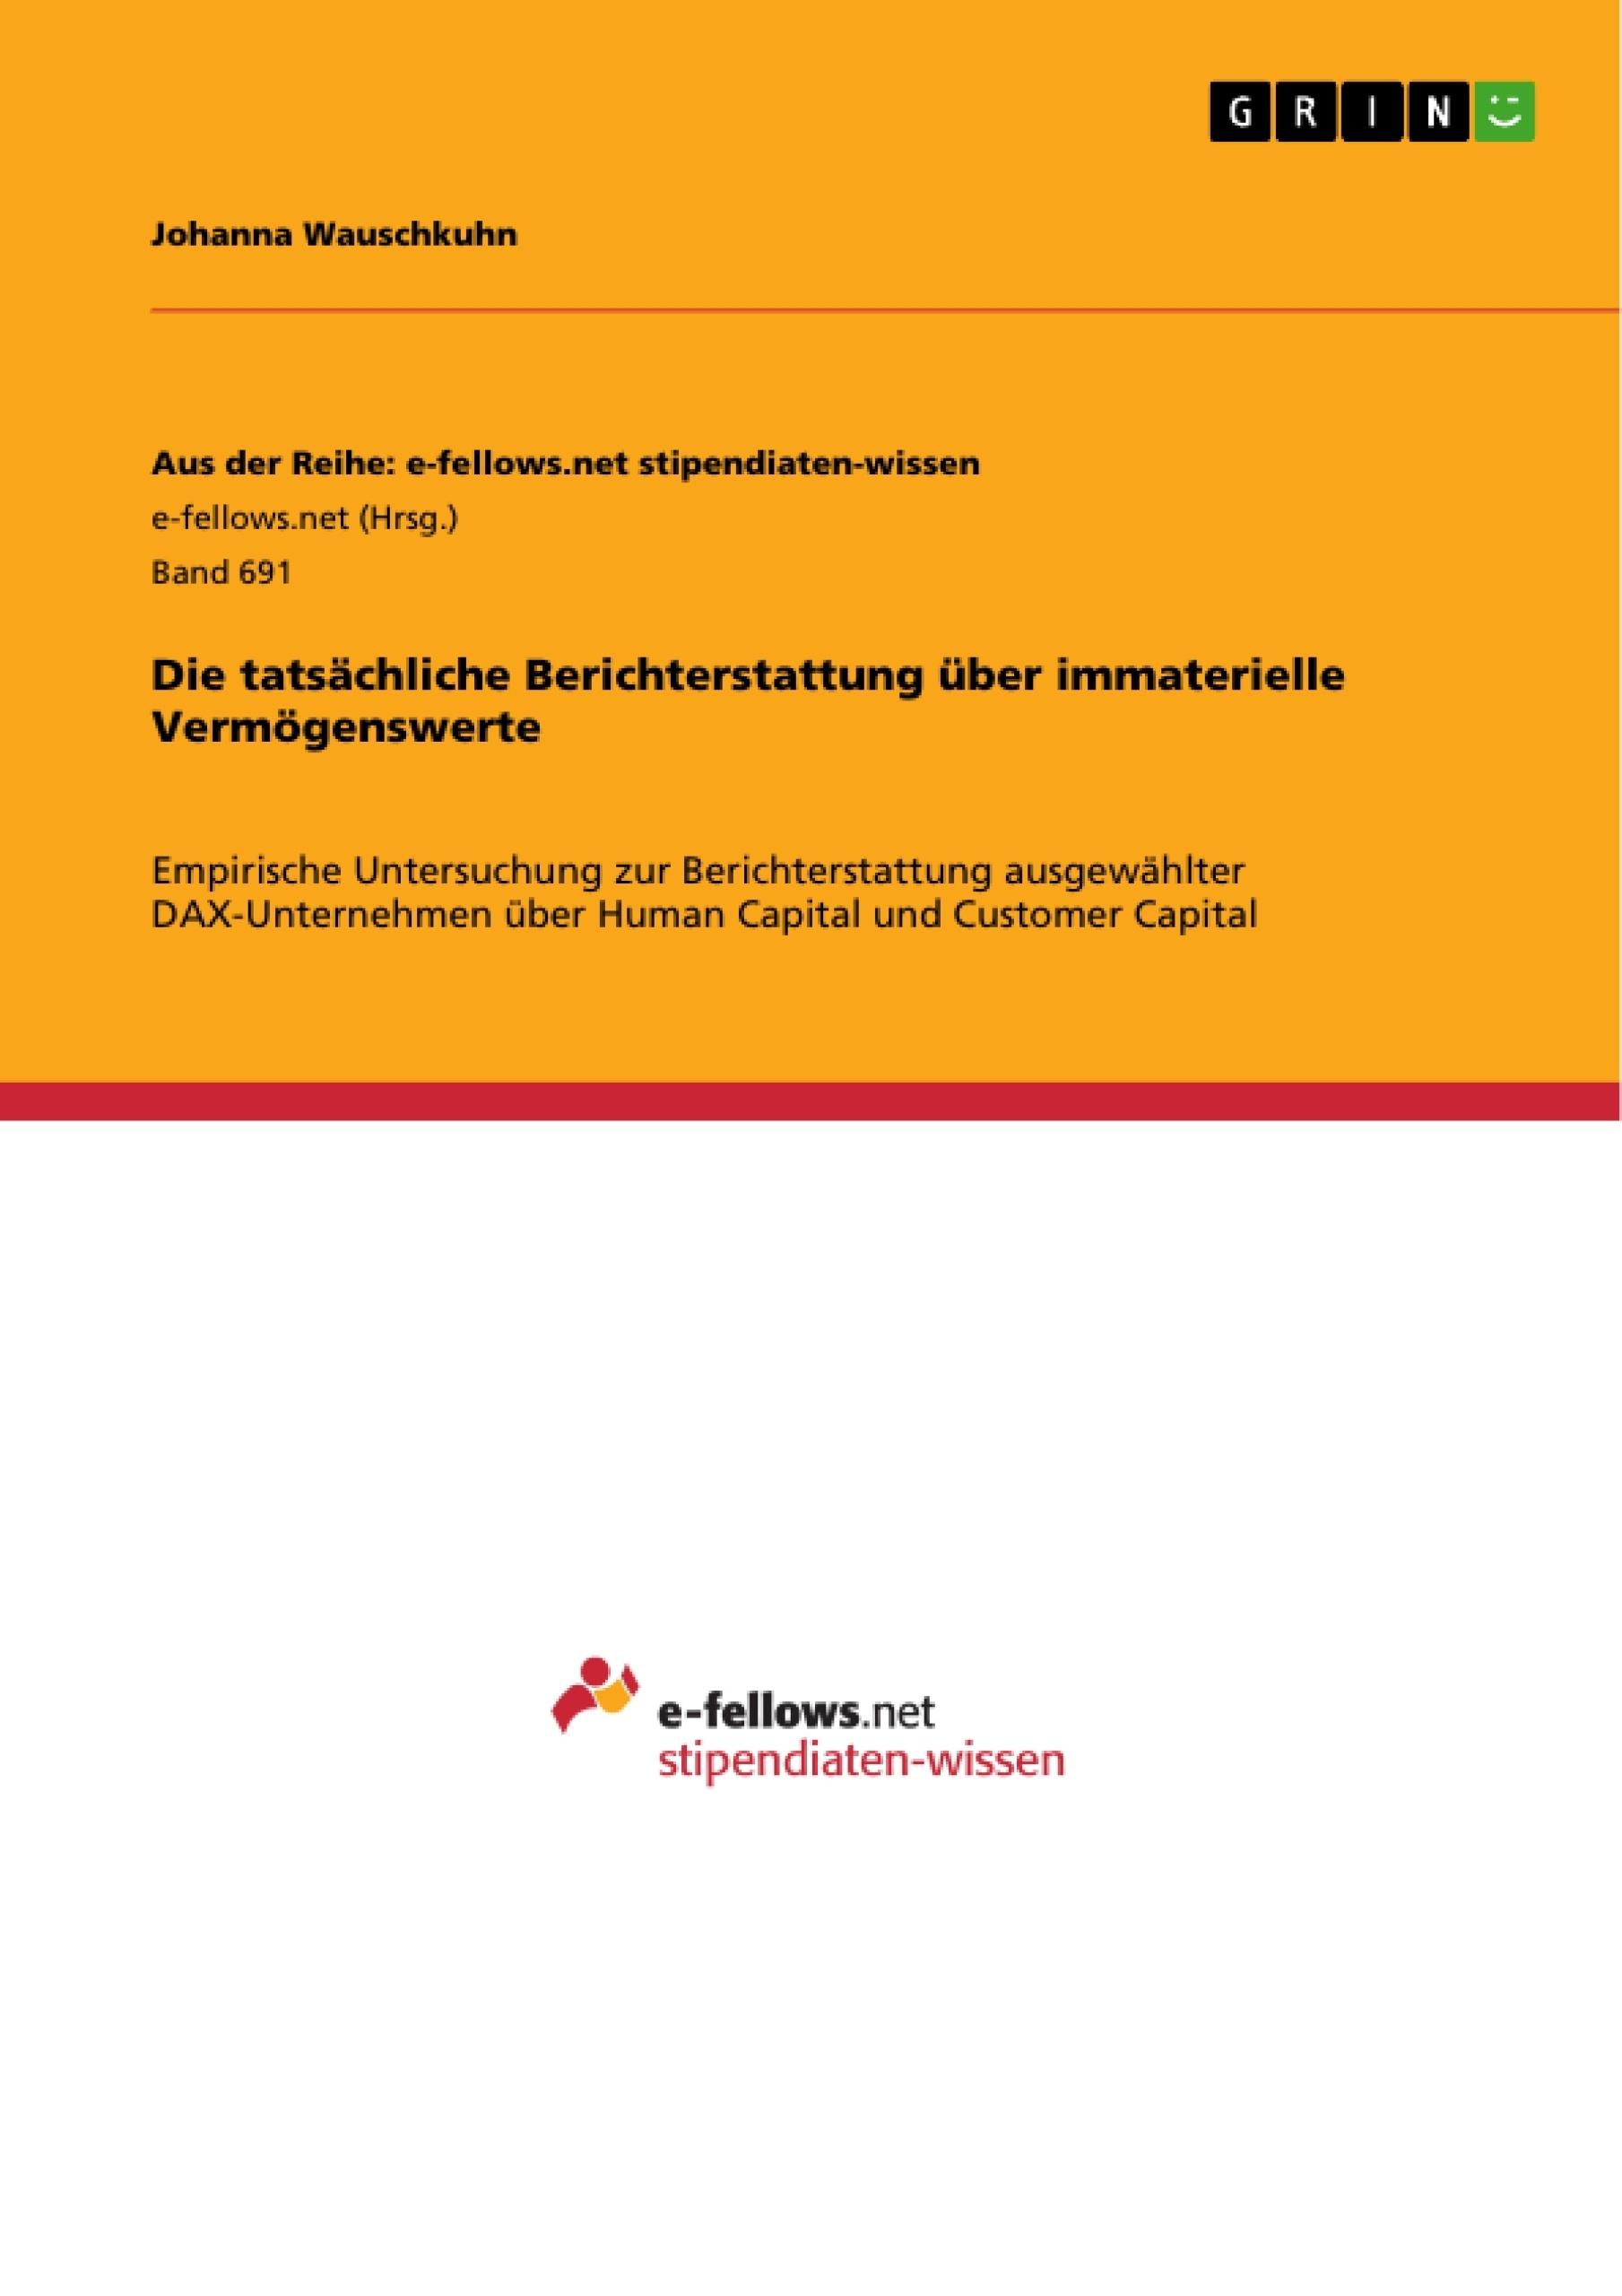 Titel: Die tatsächliche Berichterstattung über immaterielle Vermögenswerte